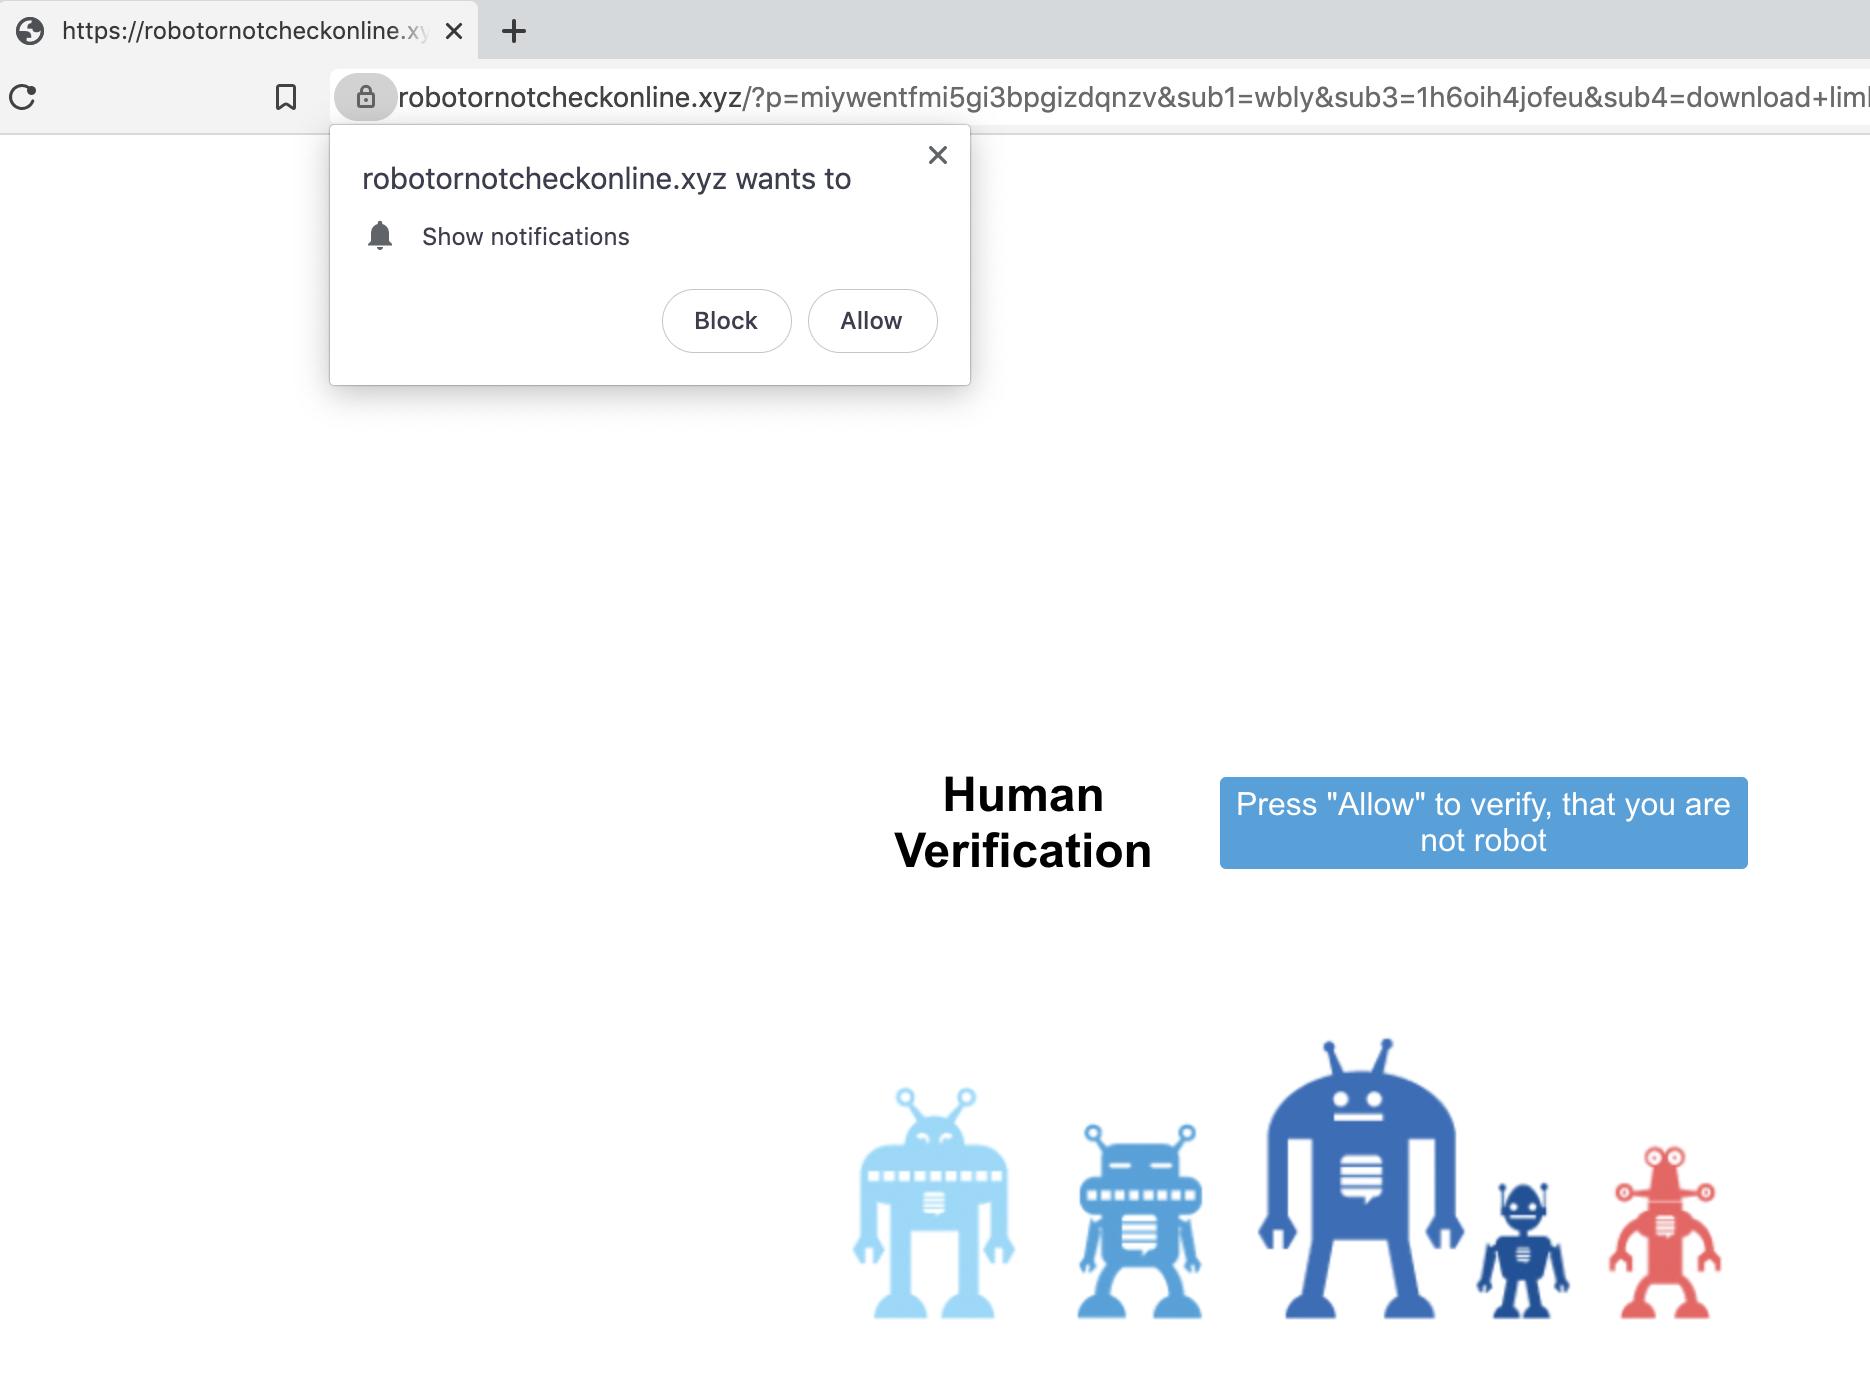 これは、WebブラウザでWebサイトにアクセスしたときの許可の要求を示しています。これにより、ユーザーがプッシュ通知を受信するように設定されます。その多くは、マルバタイジングを伴う可能性があります。